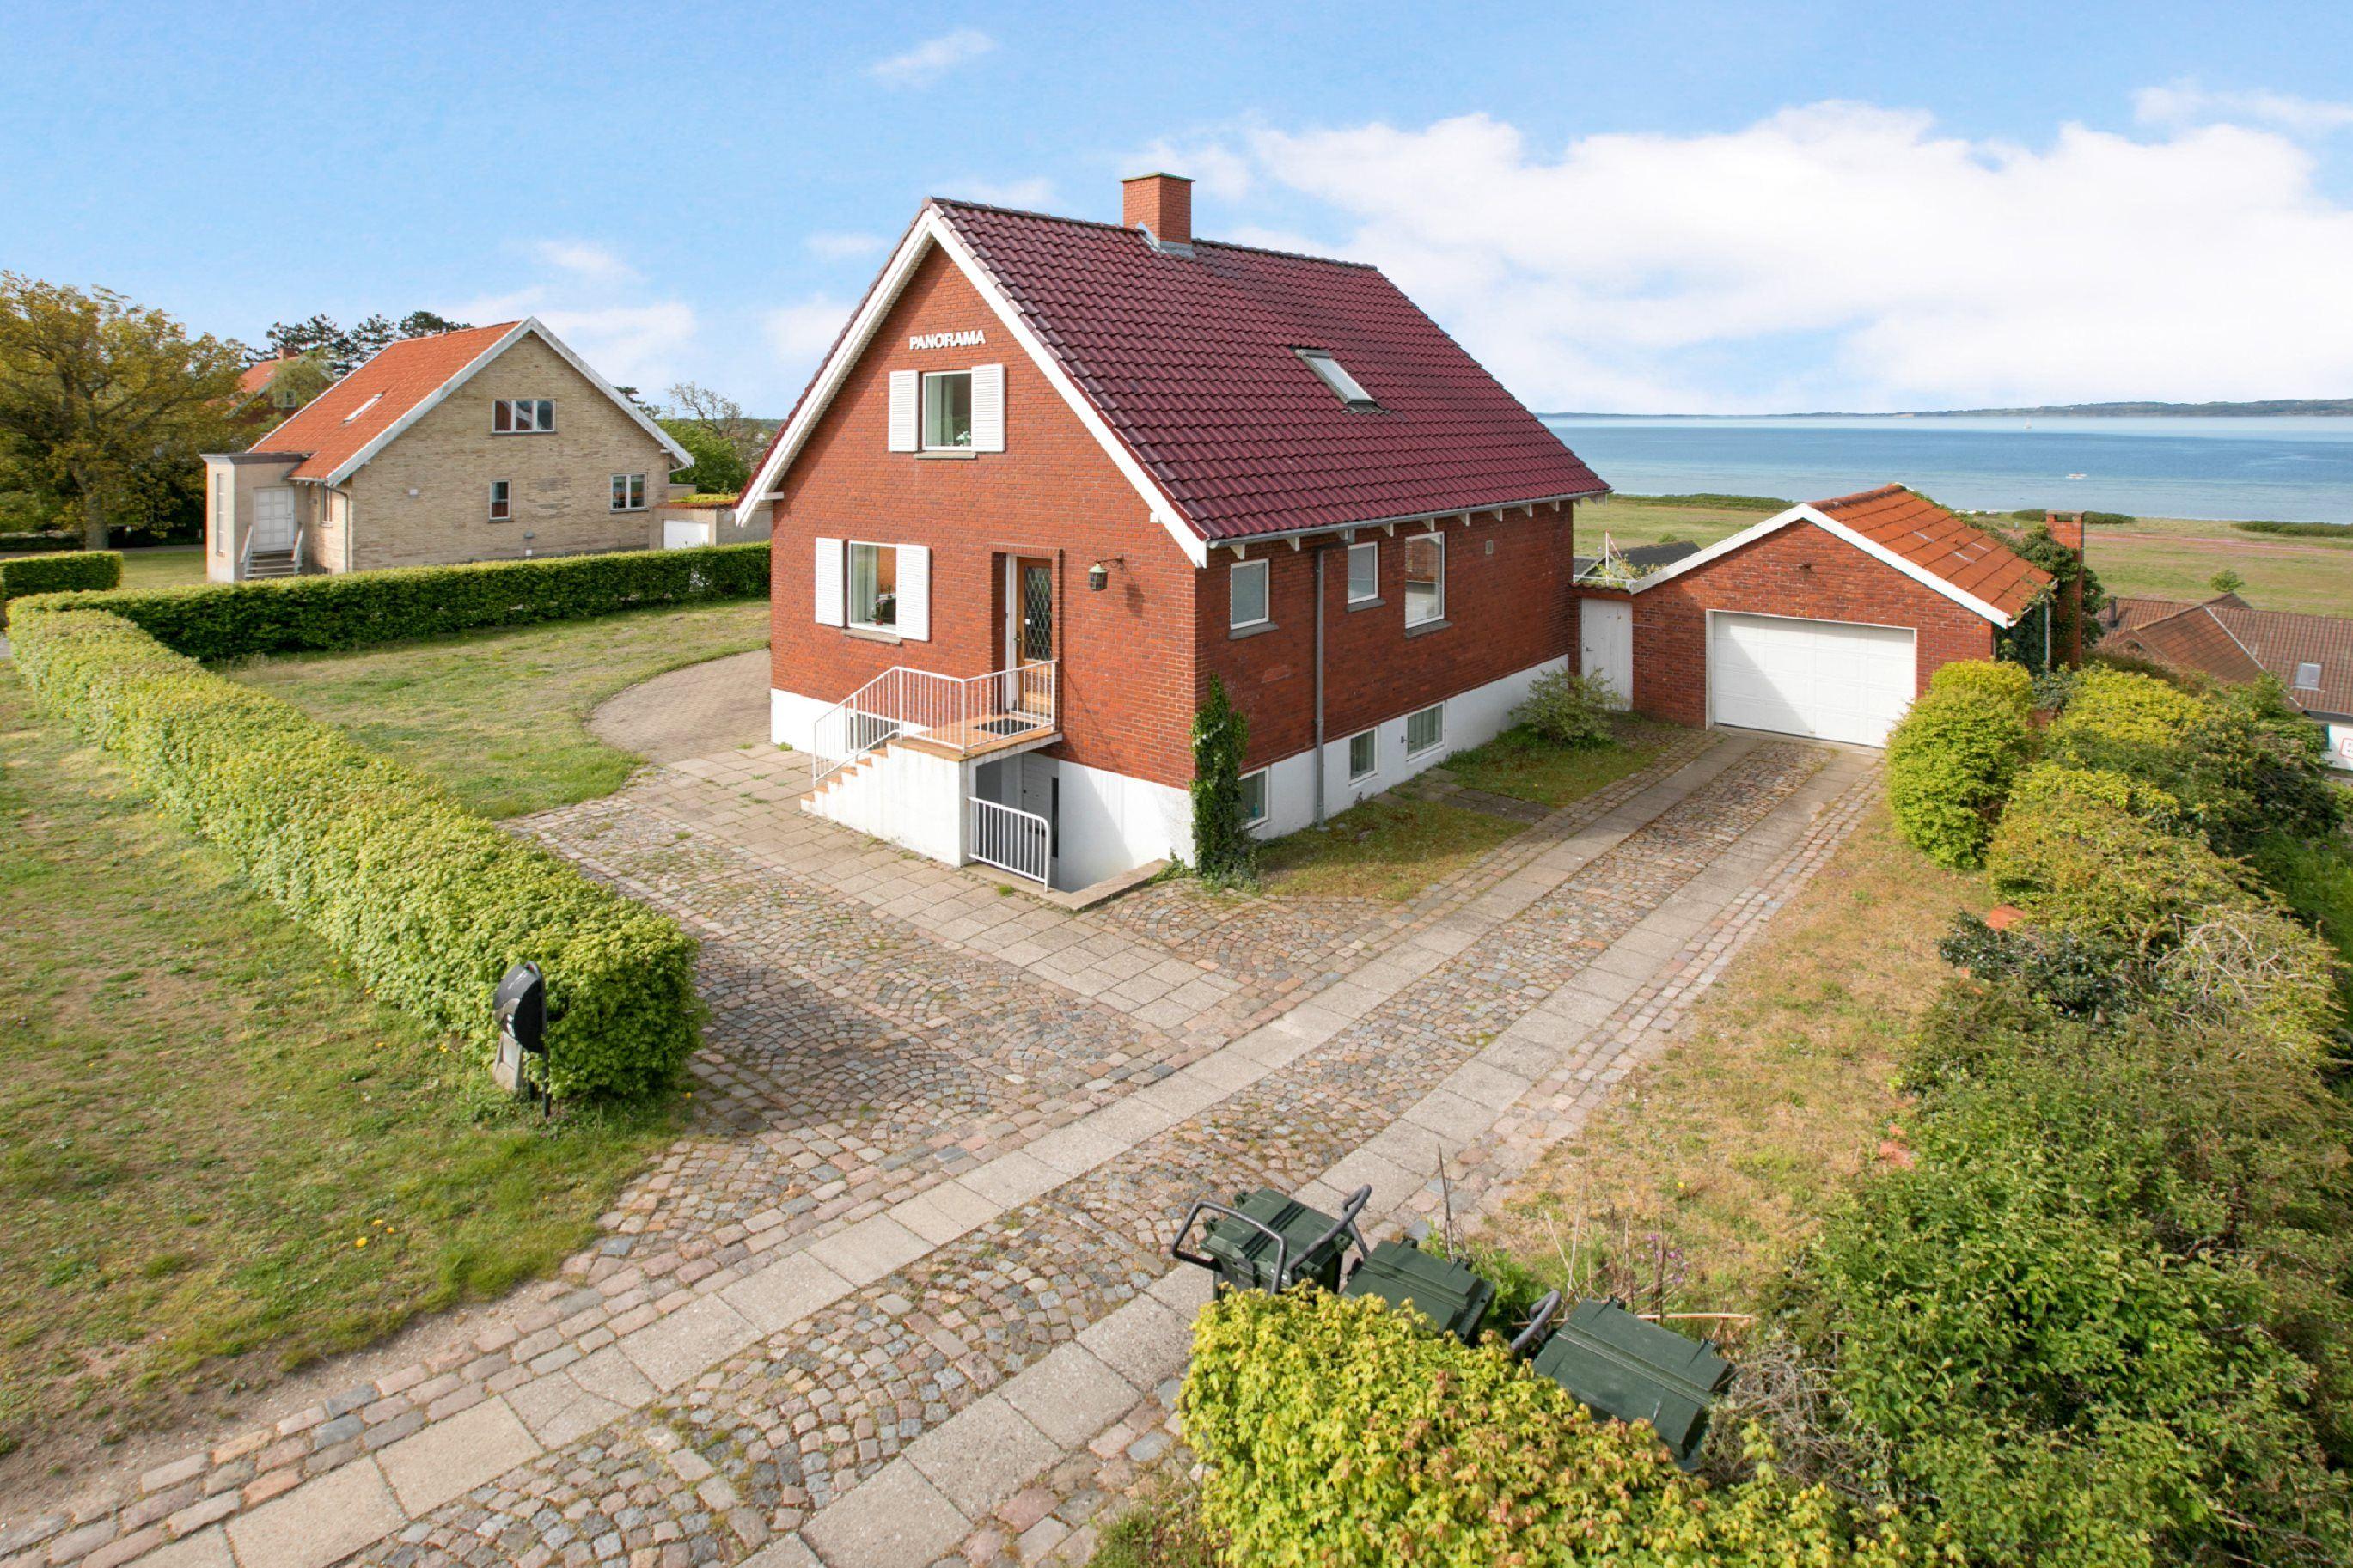 Strandgårdshøj 13, 8400 Ebeltoft